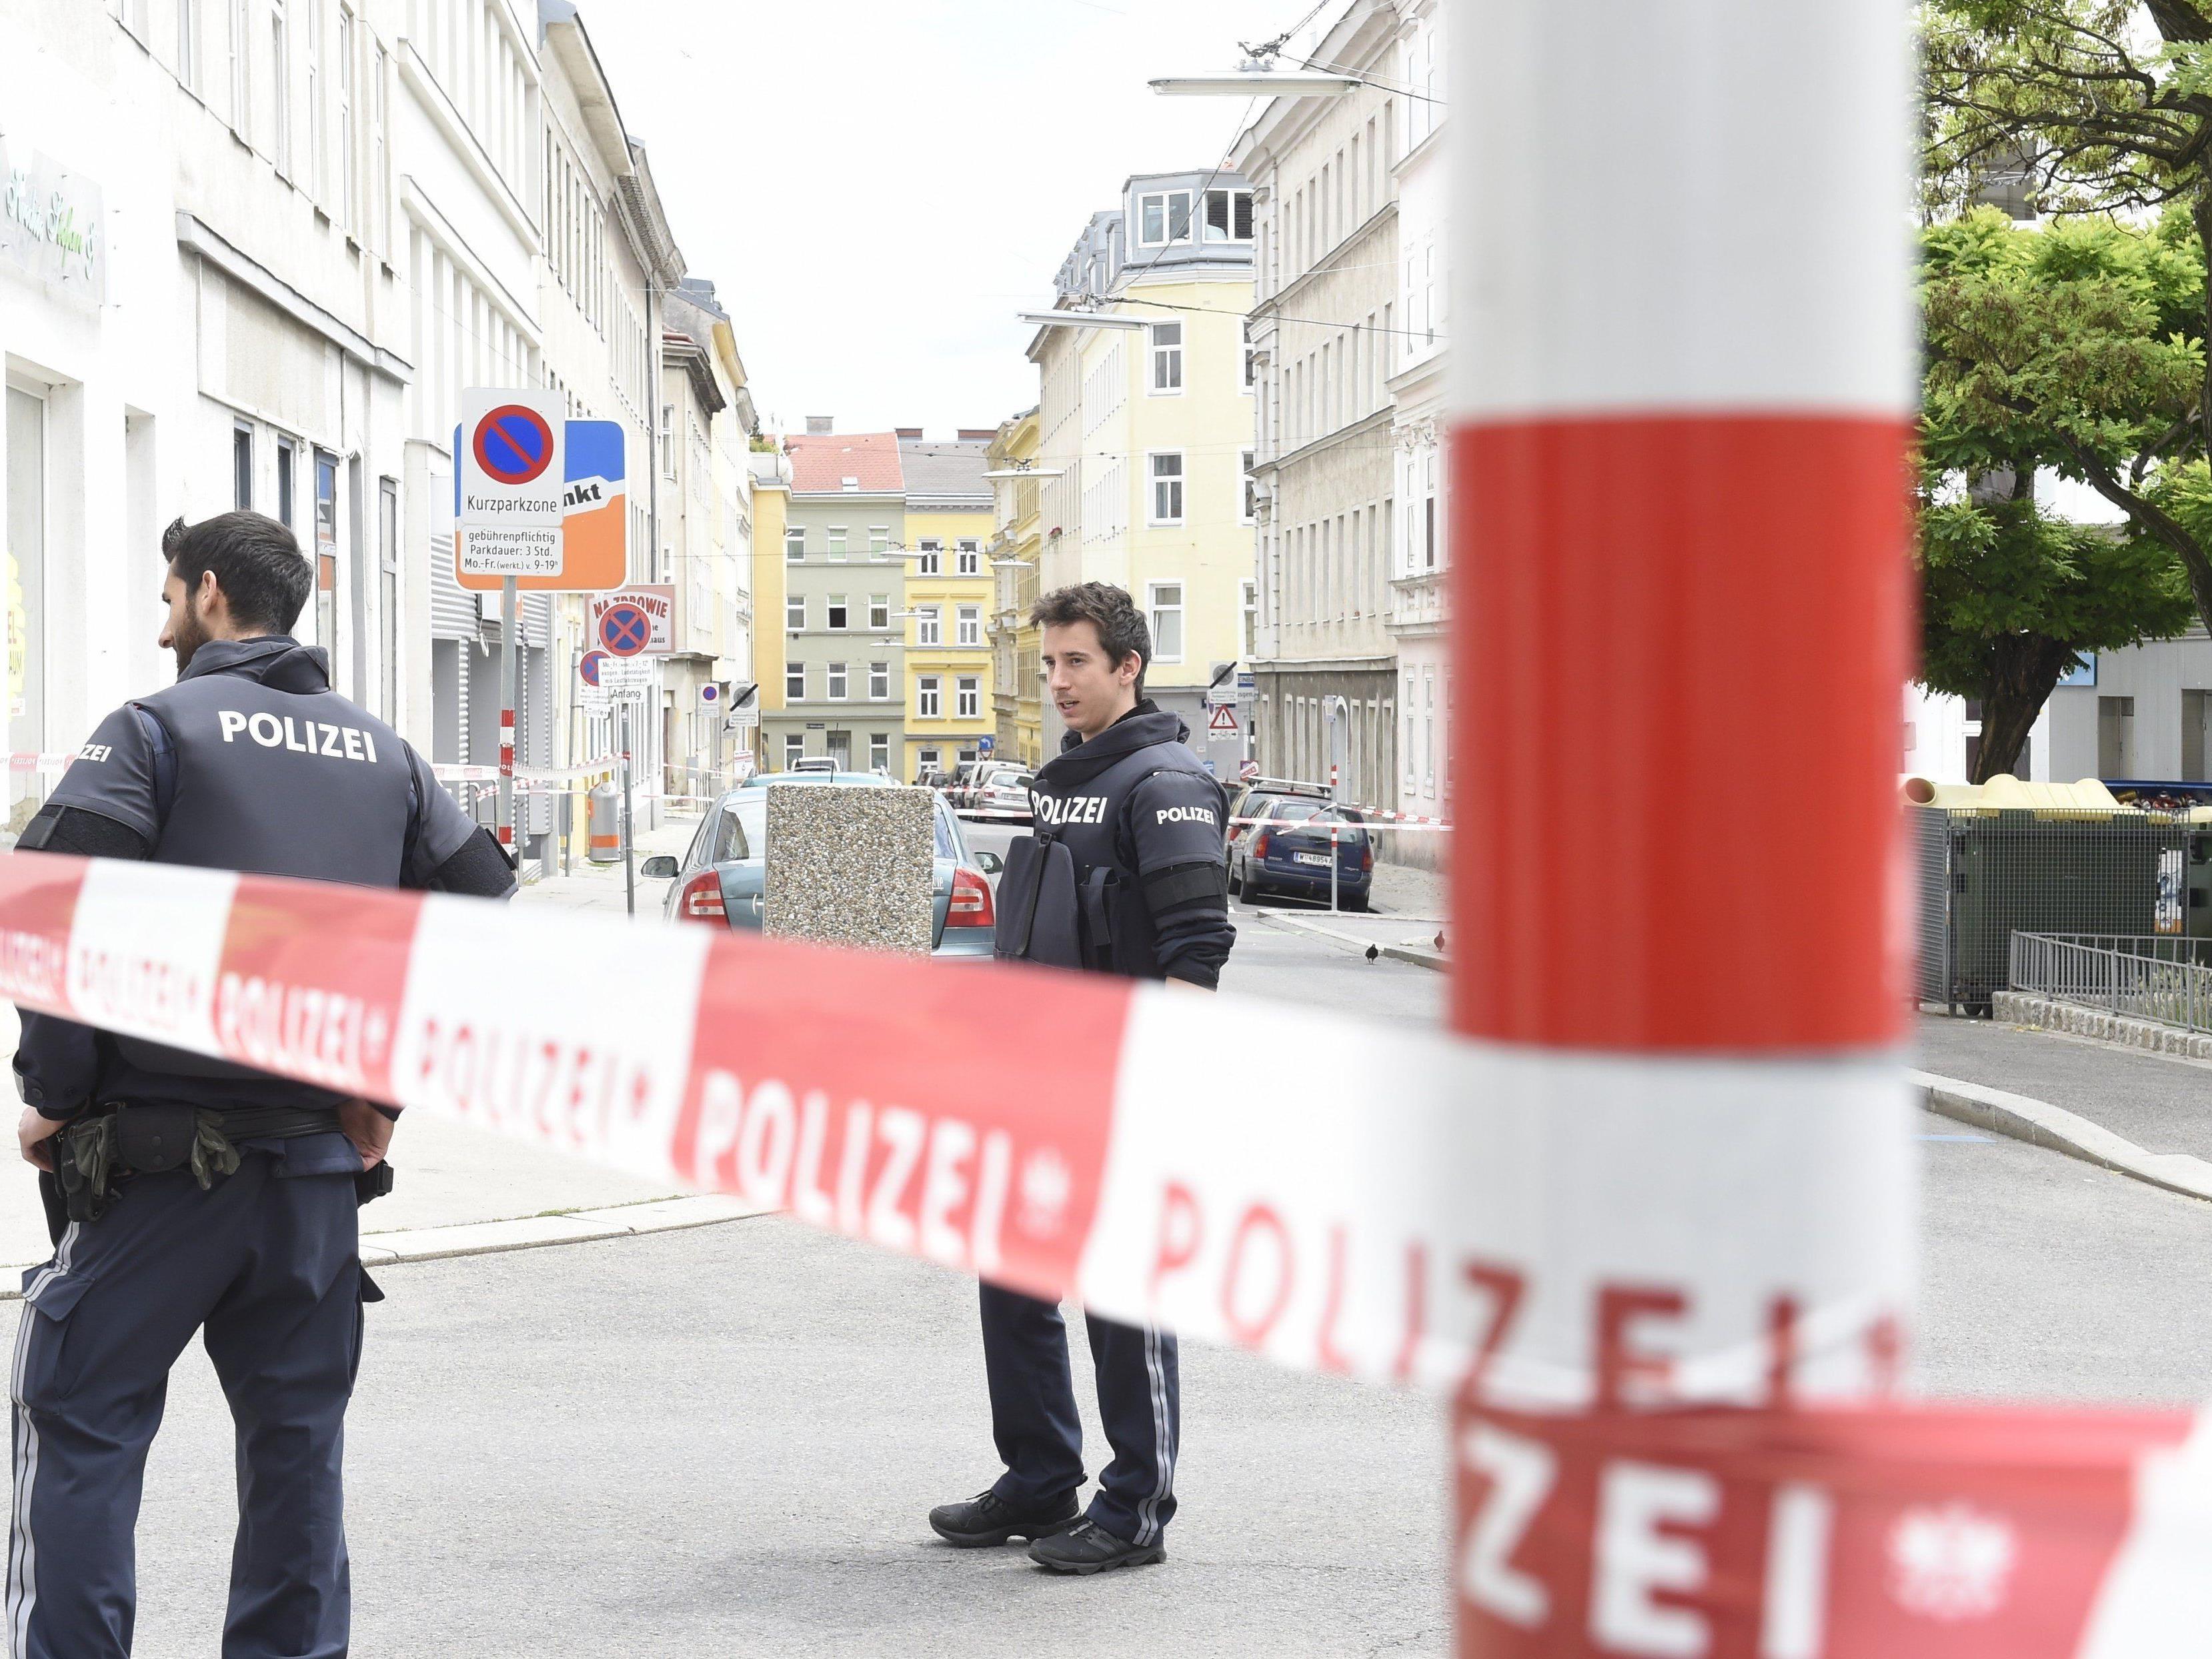 Am Dienstag stellte sich der Tatverdächtige nach der Schussabgabe in Wien-Hernals.